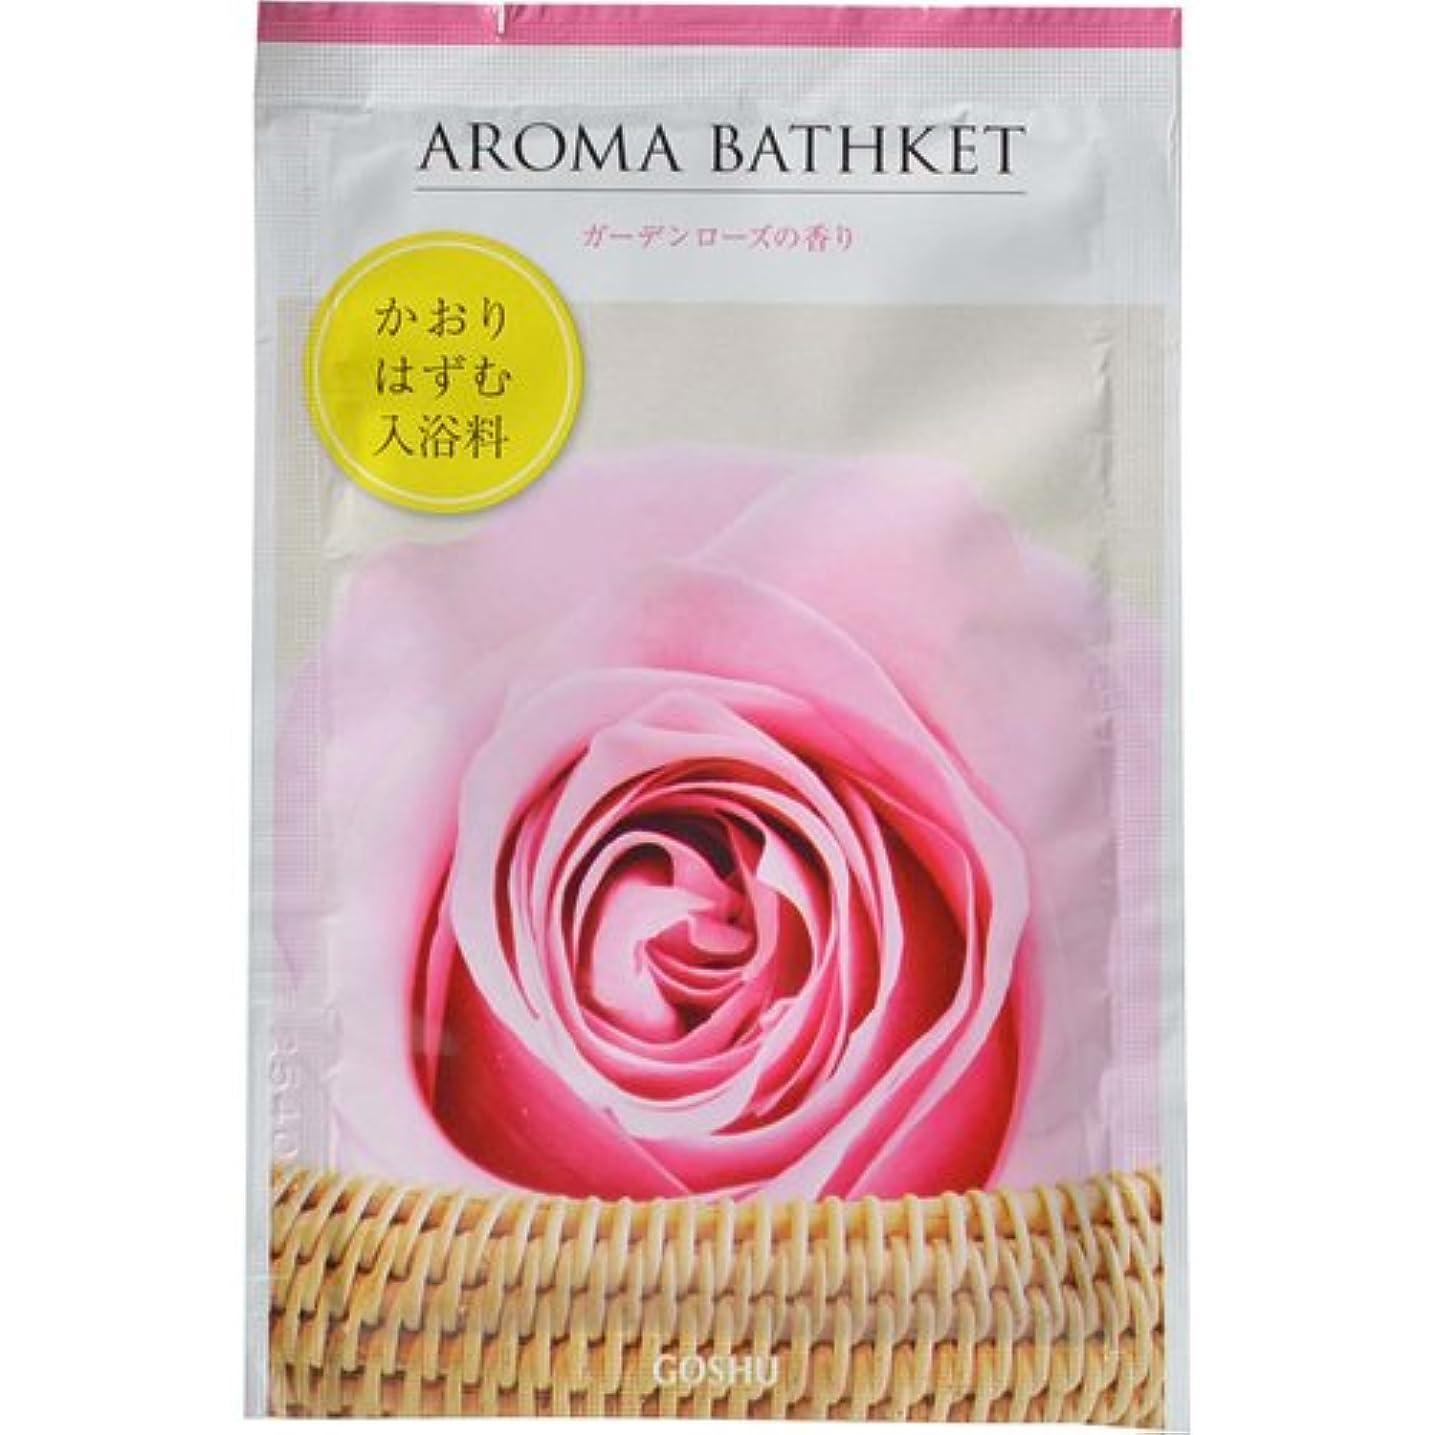 驚くべき送料持続的アロマバスケット ガーデンローズの香り 25g